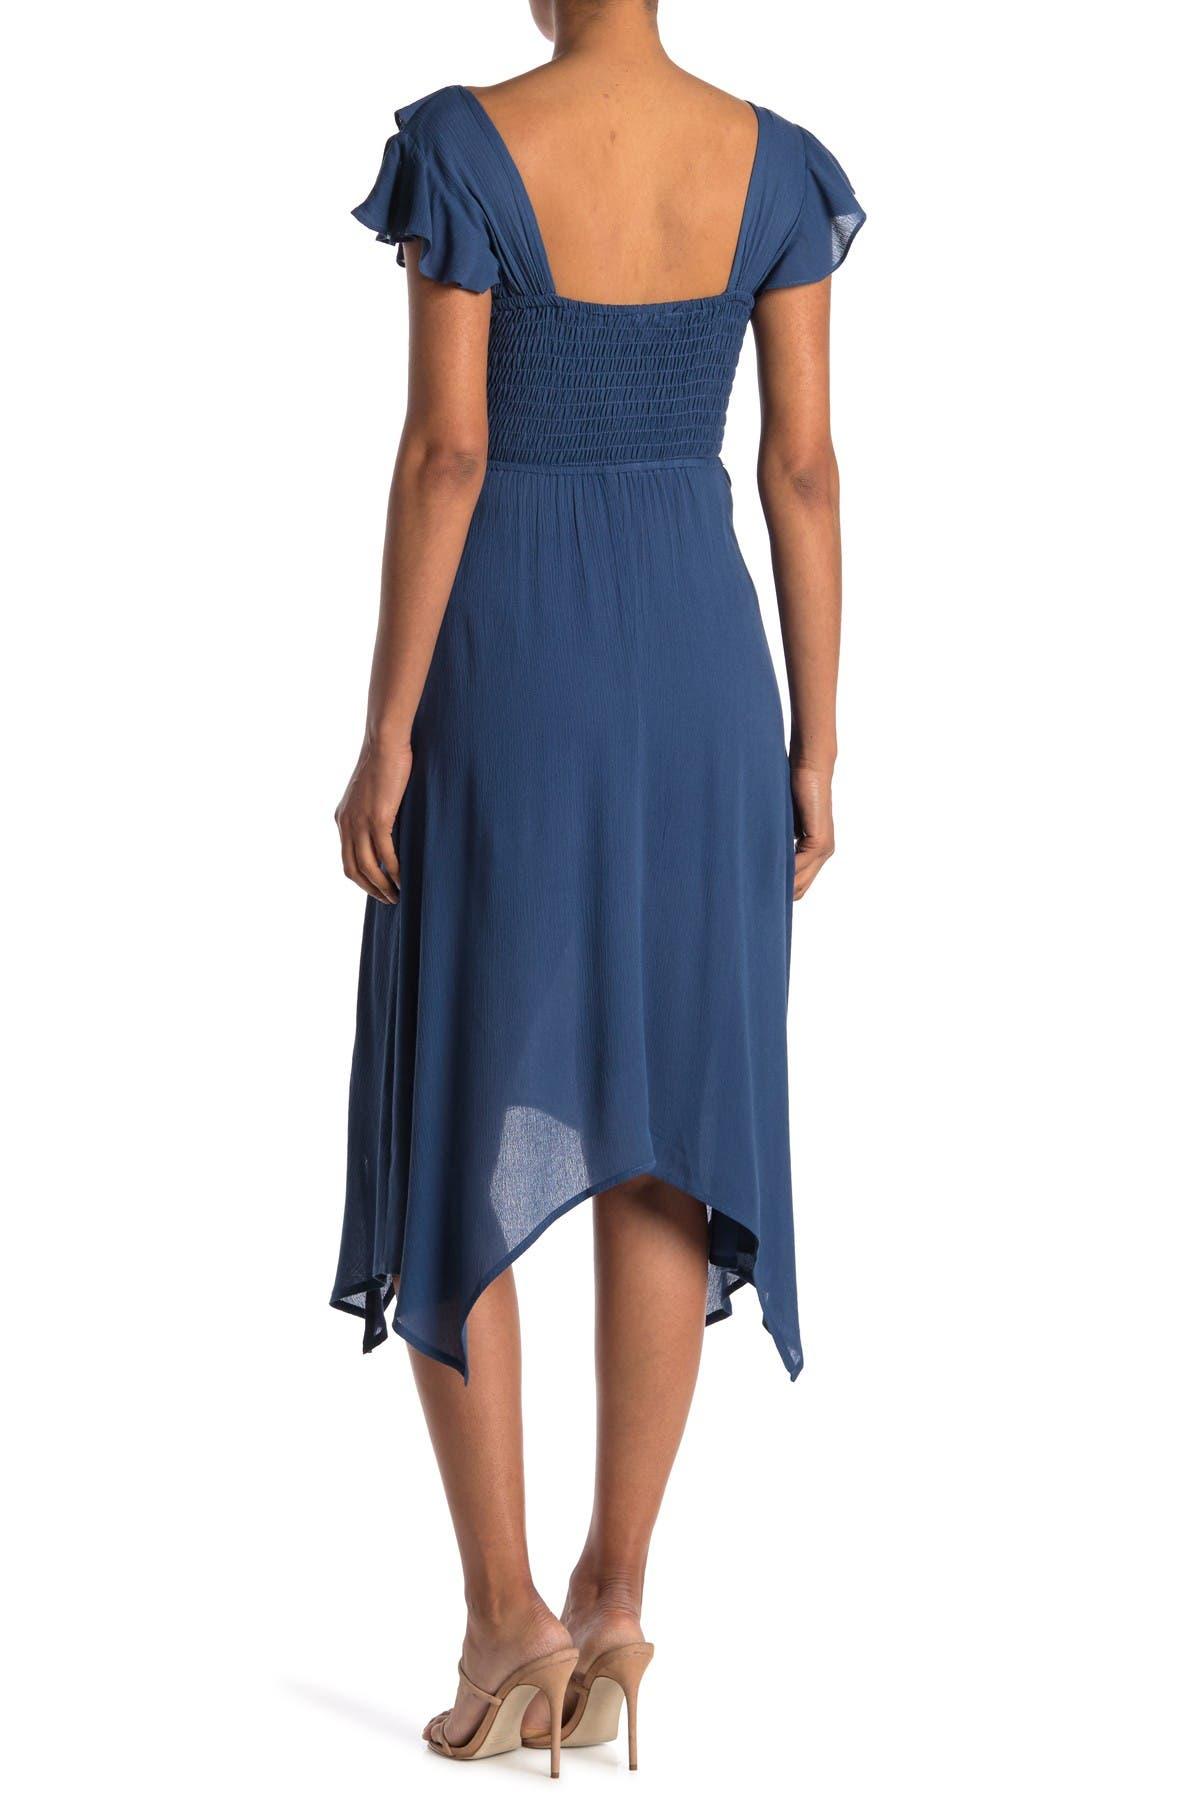 Image of KENEDIK Ruffled Handkerchief Hem Midi Dress